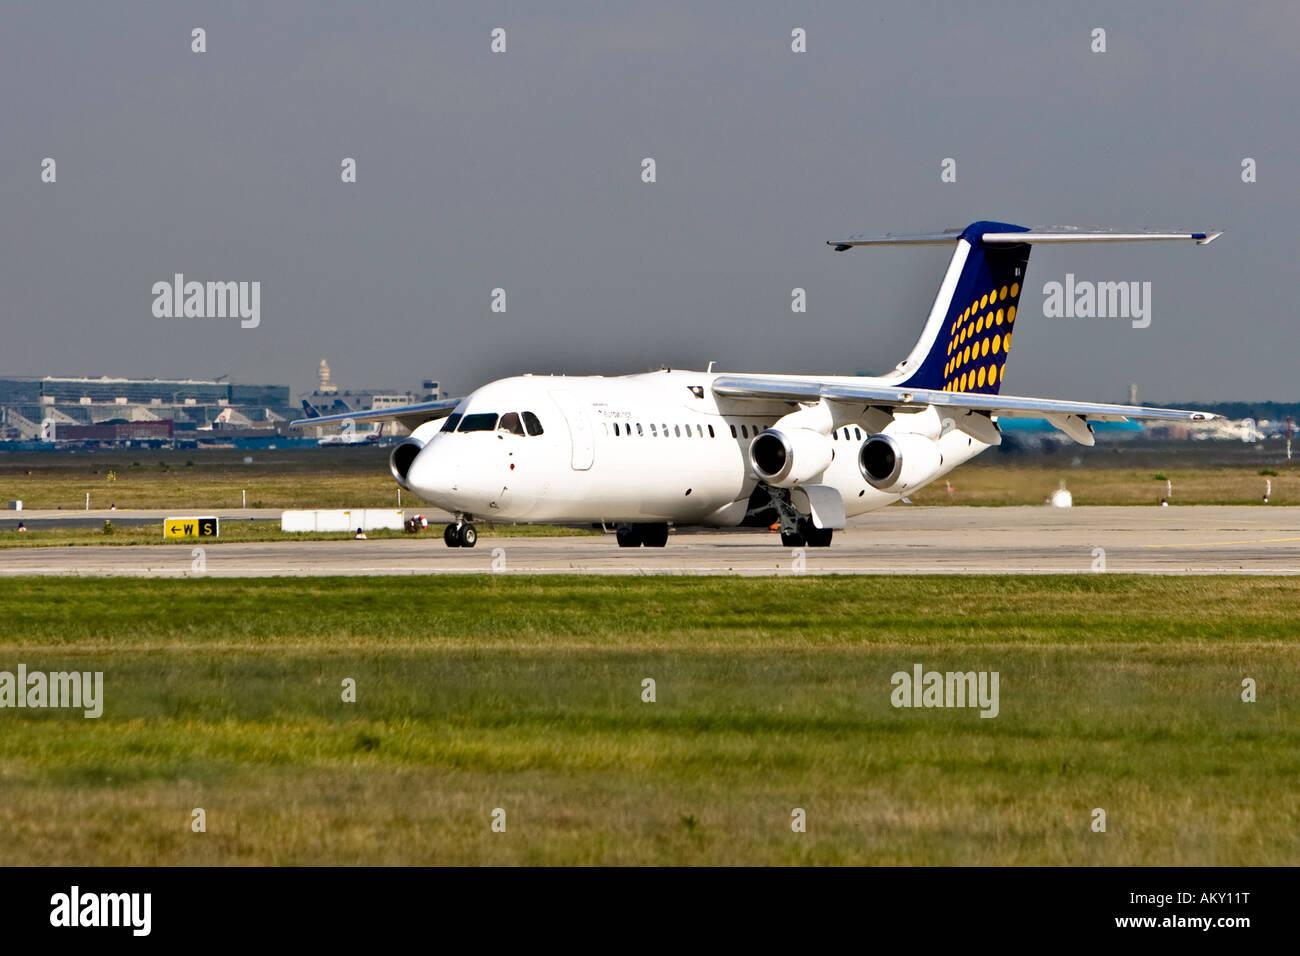 Eurowings BAe 146-300, Startbahn 18 West, Airport Frankfurt, Hesse, Germany - Stock Image